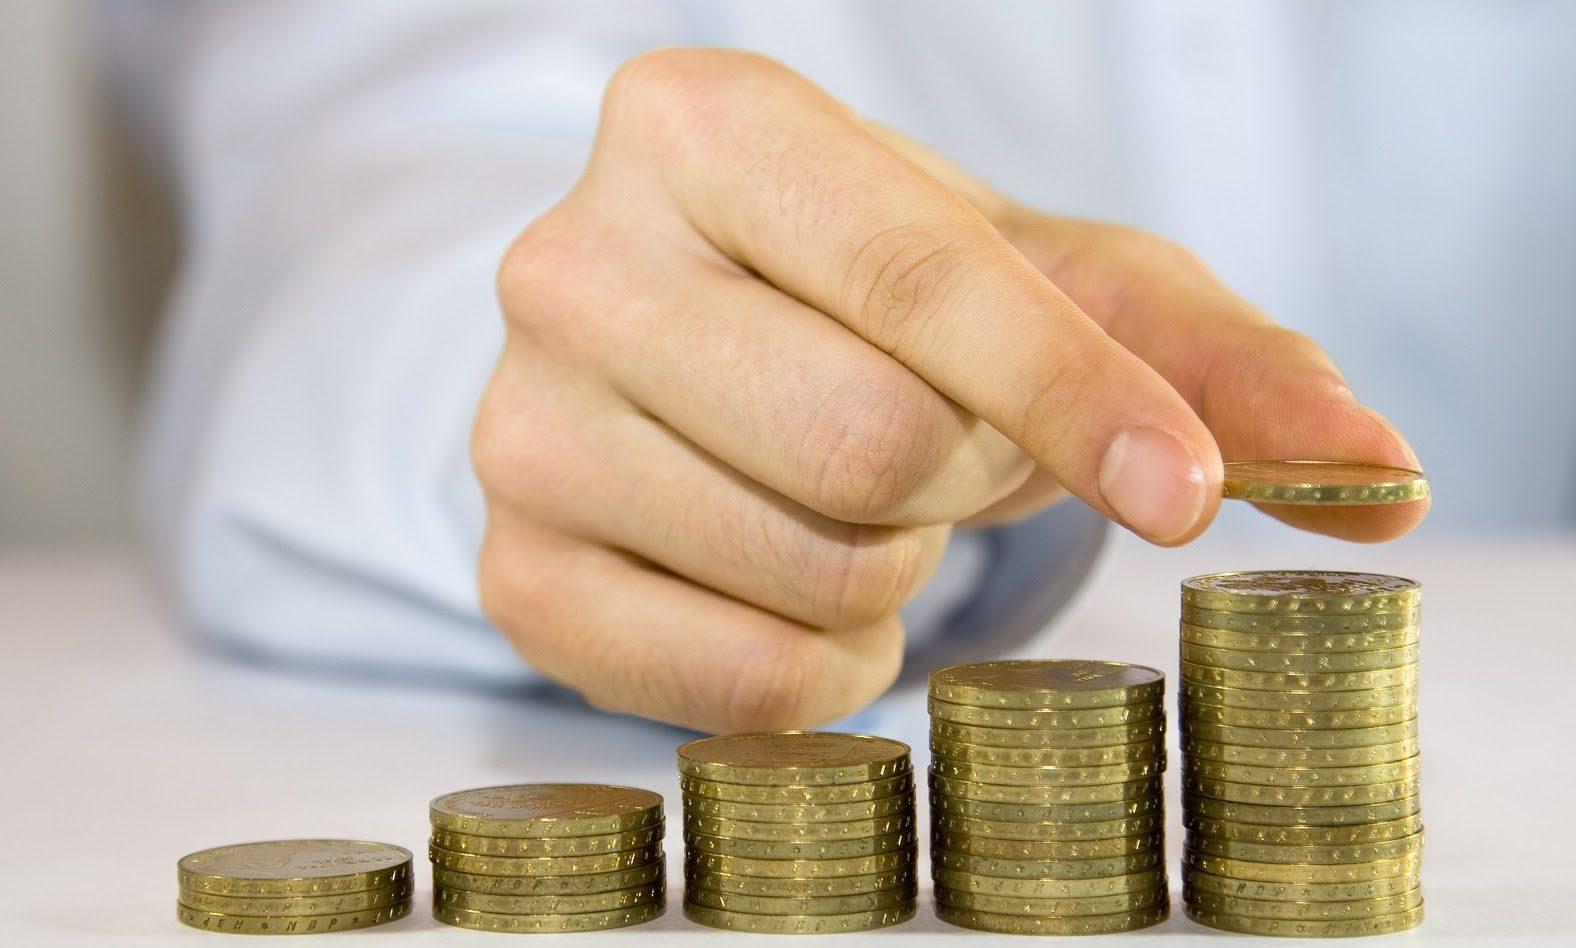 hol lehet pénzt készpénzben keresni